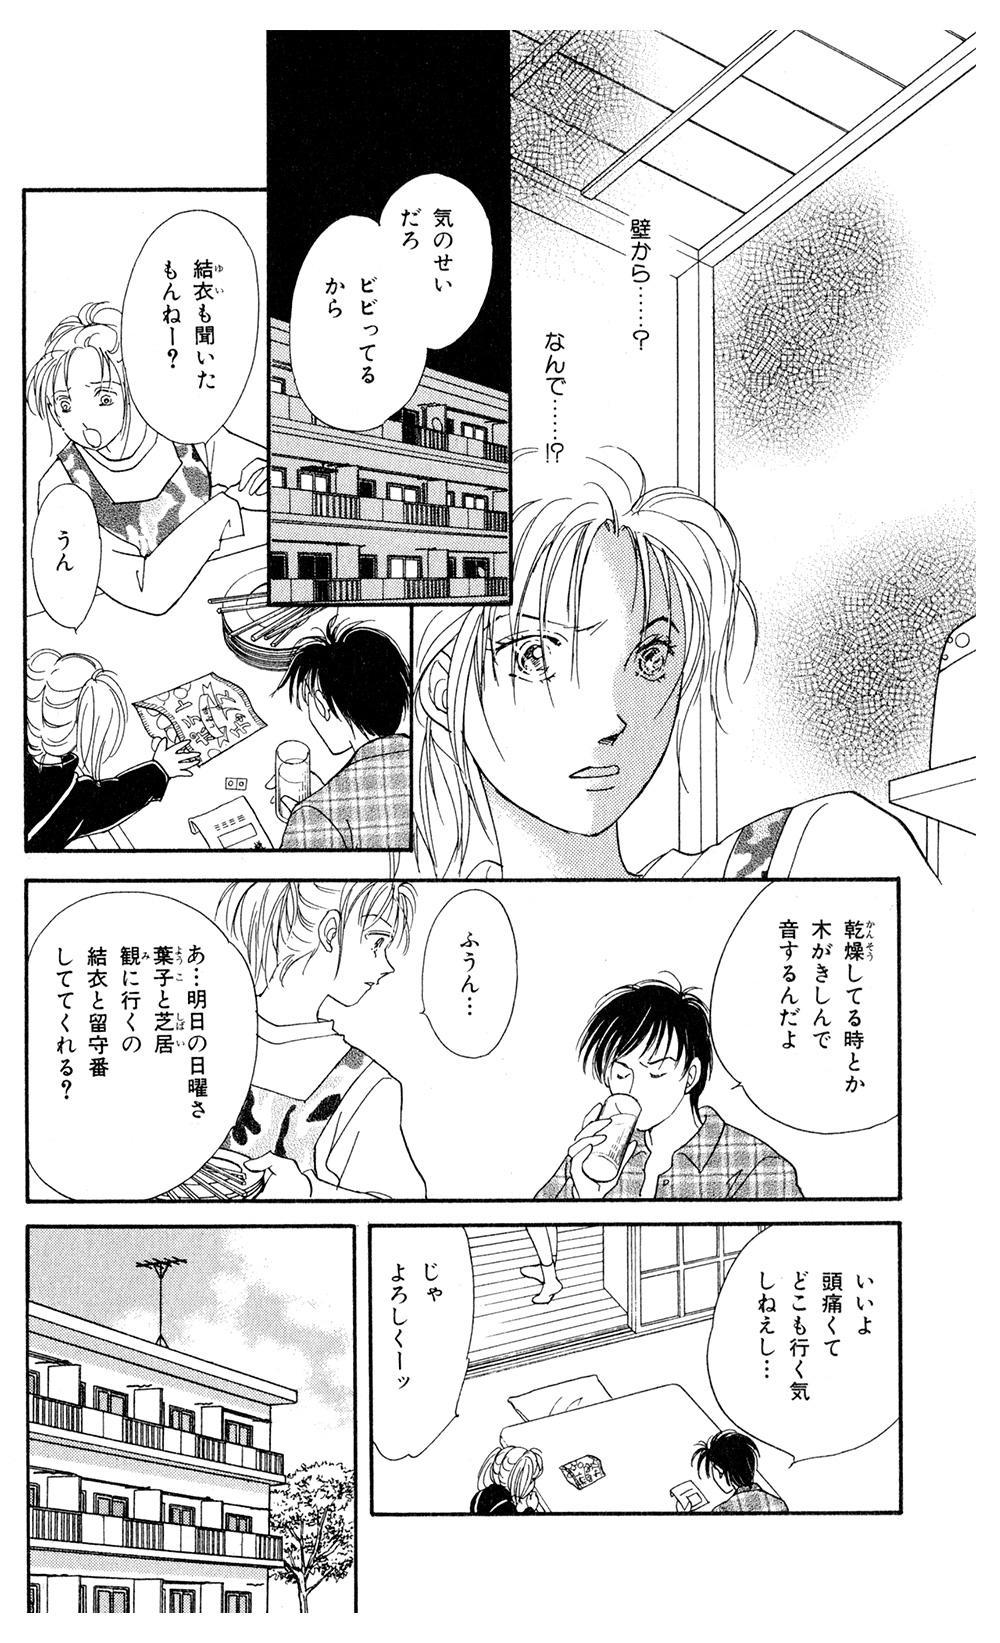 魔百合の恐怖報告 「災いを呼ぶ老婆」①rouba01-19.jpg